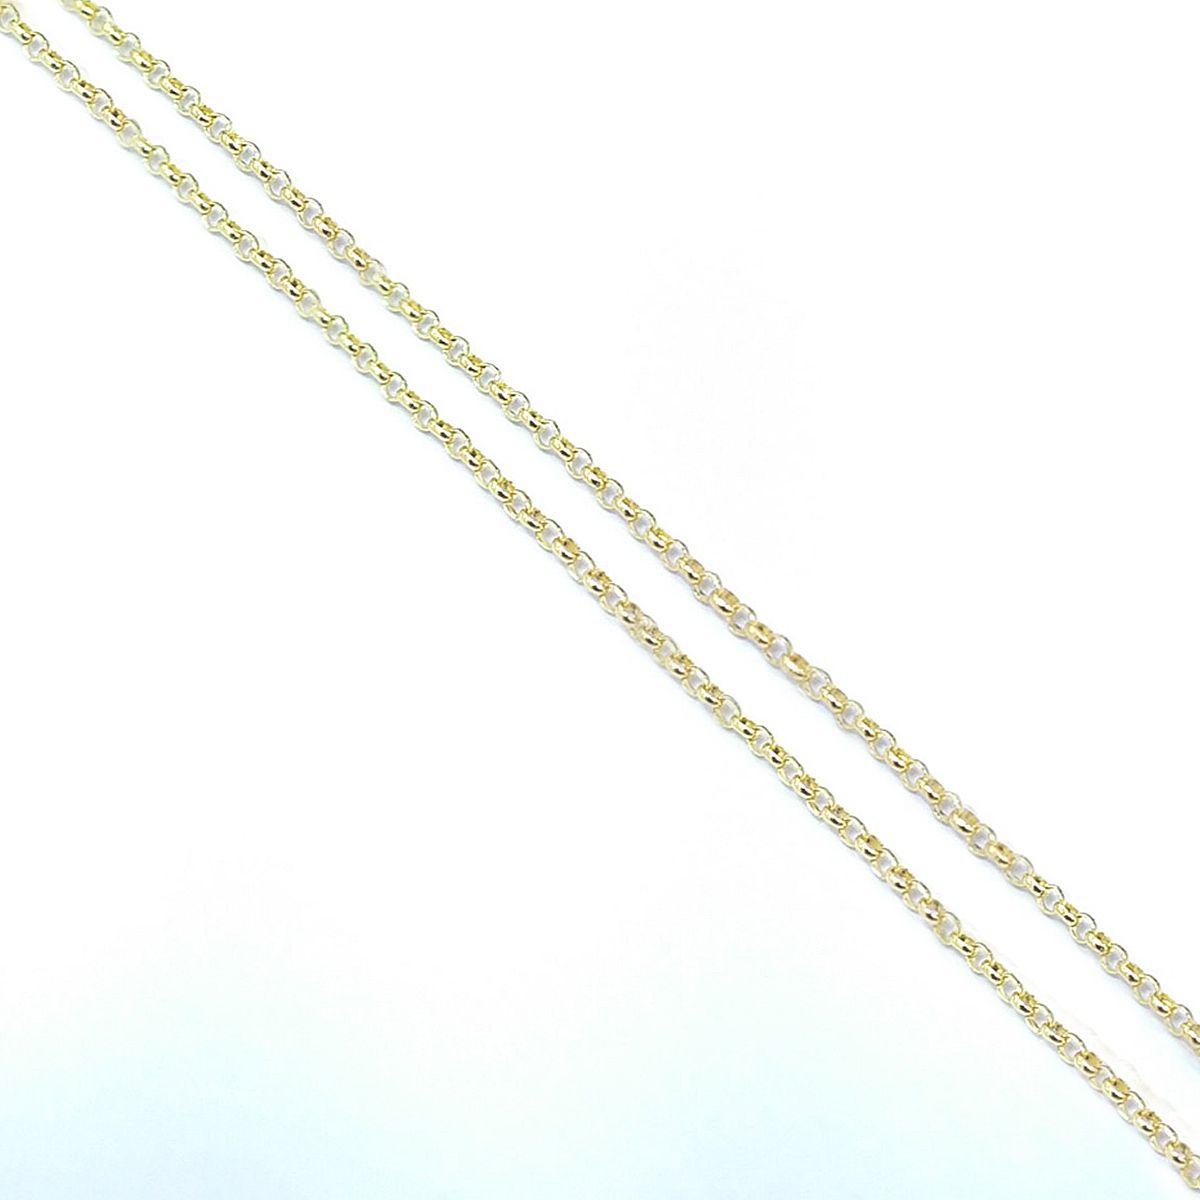 Corrente Elo Português em Ouro 18K - 50cm fina